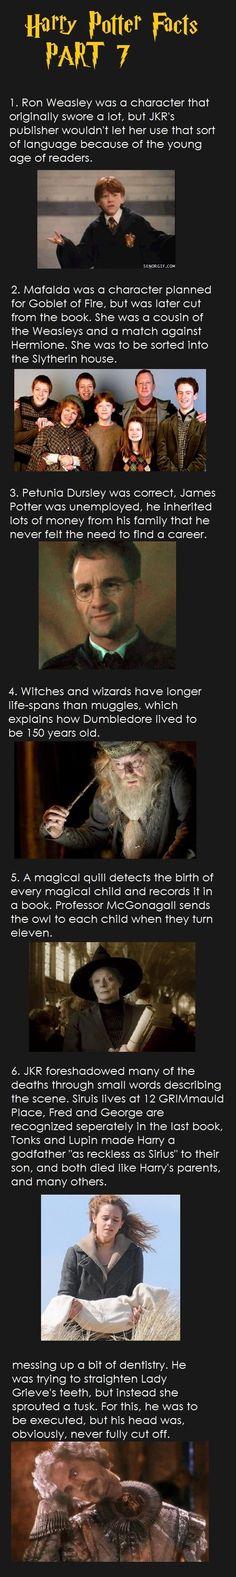 Harry Potter Facts (Part 7/9) - Imgur